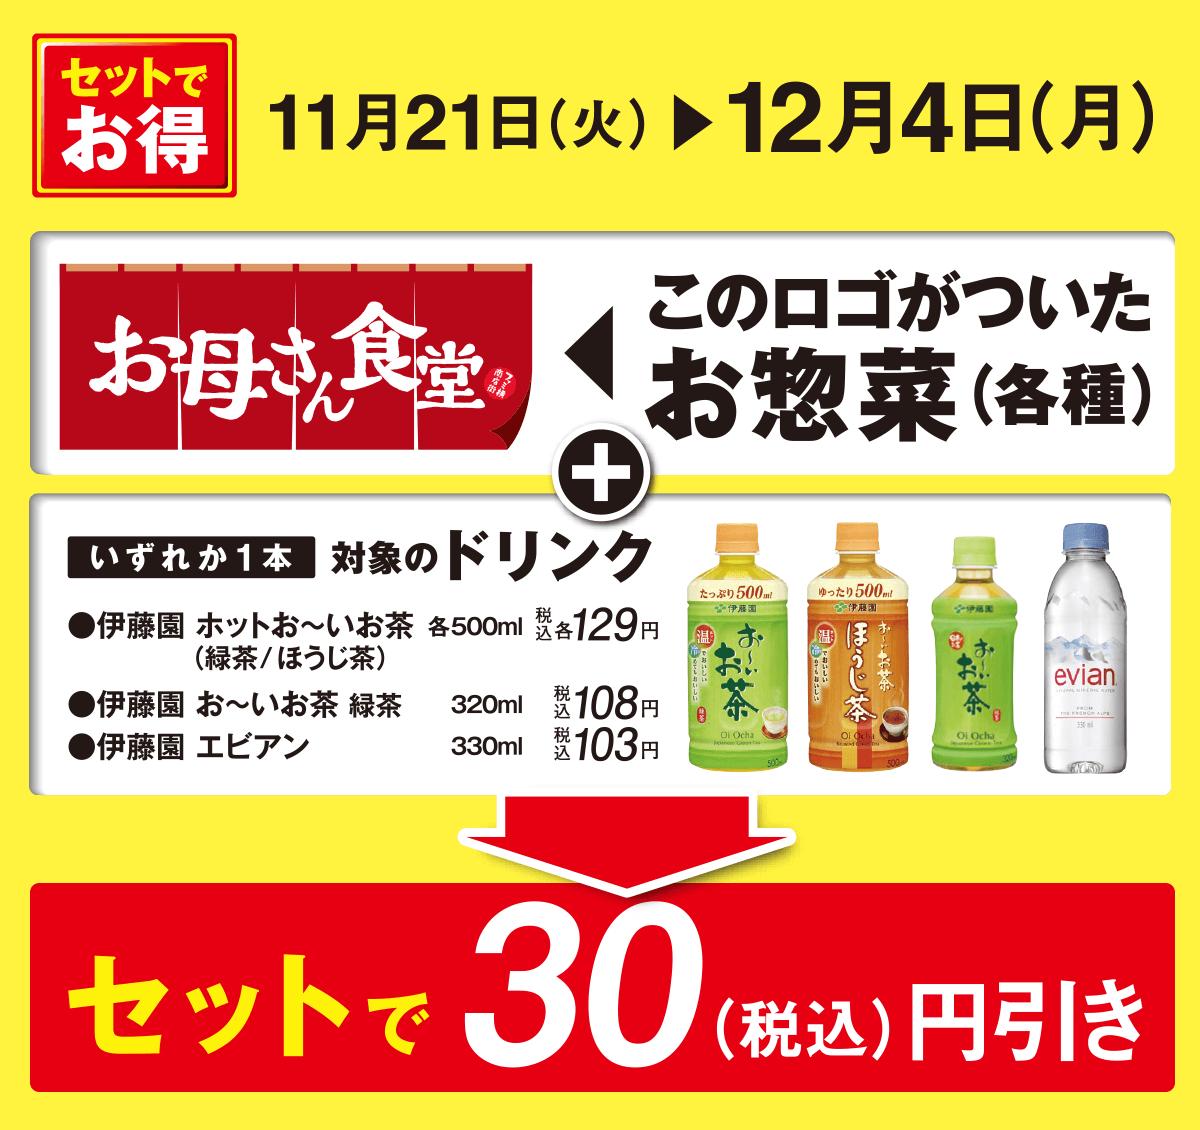 ファミリーマートでお惣菜+ドリンク・お茶をセット購入で30円引き。